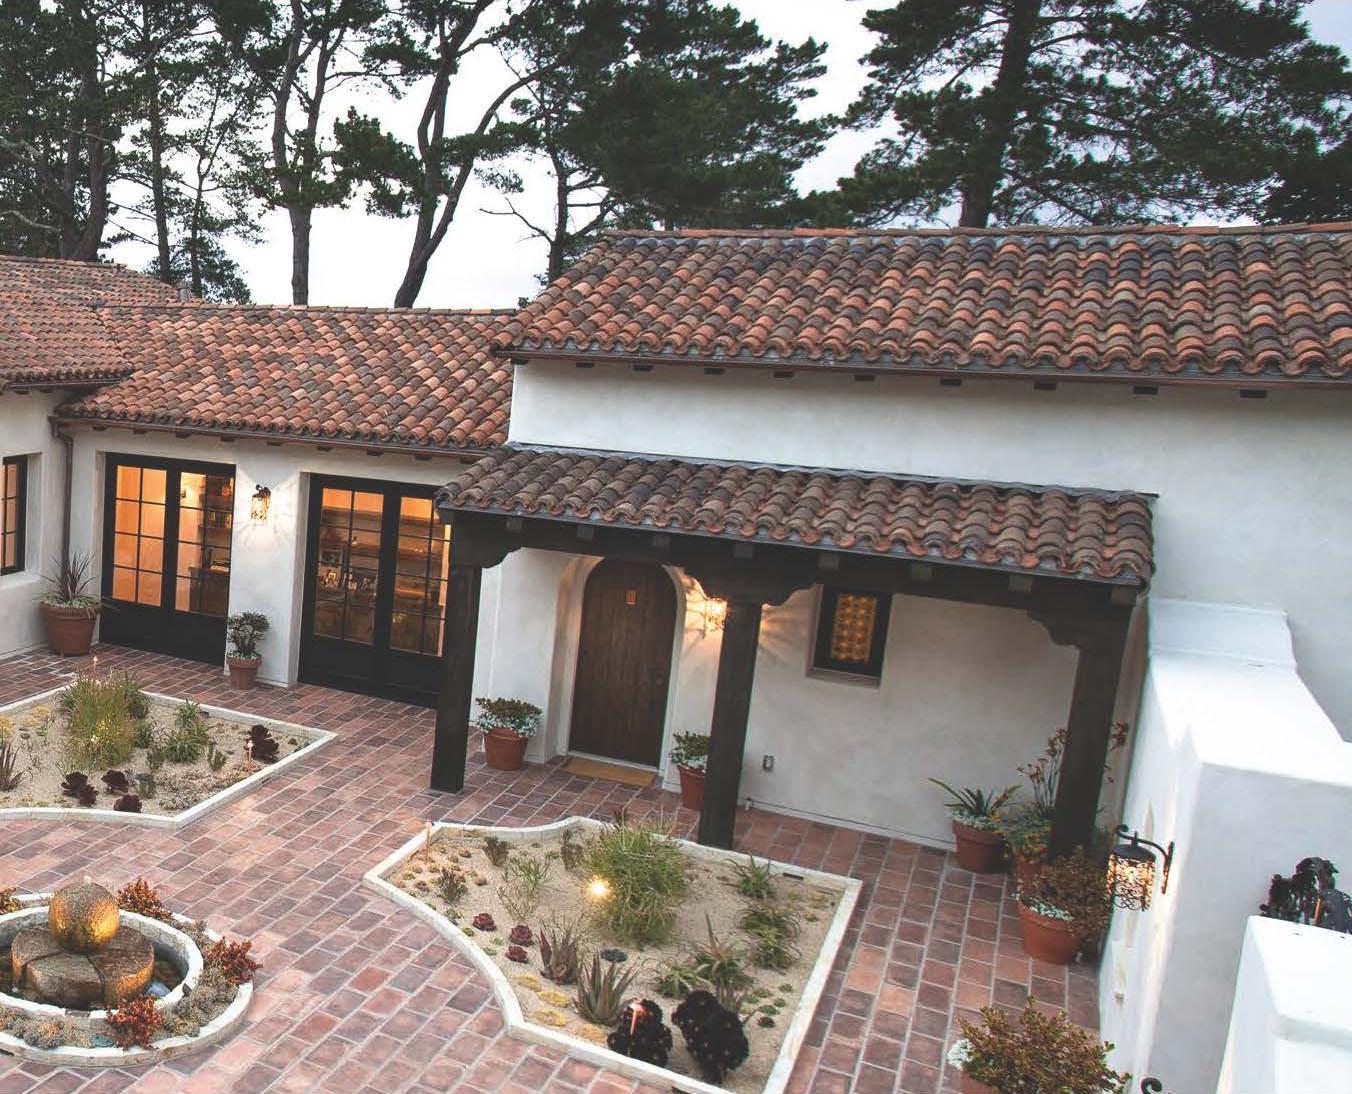 Bertelsen Residence 3 - Courtyard.jpg